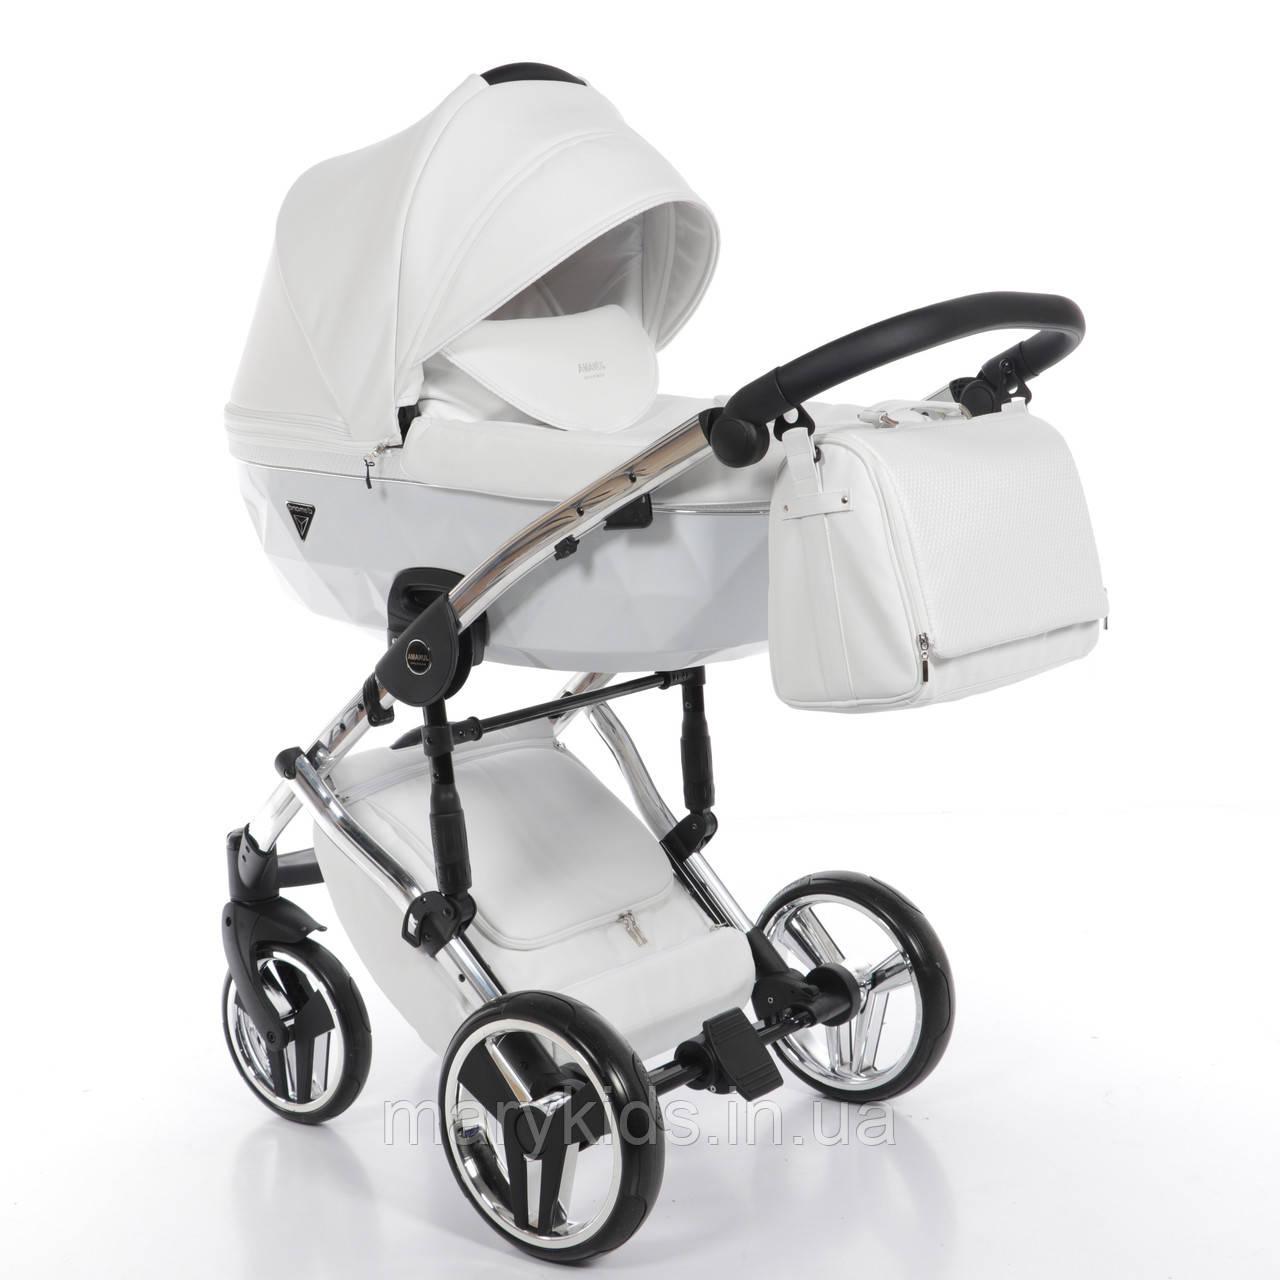 Детская универсальная коляска 2 в 1 Junama Diamond Individual 05